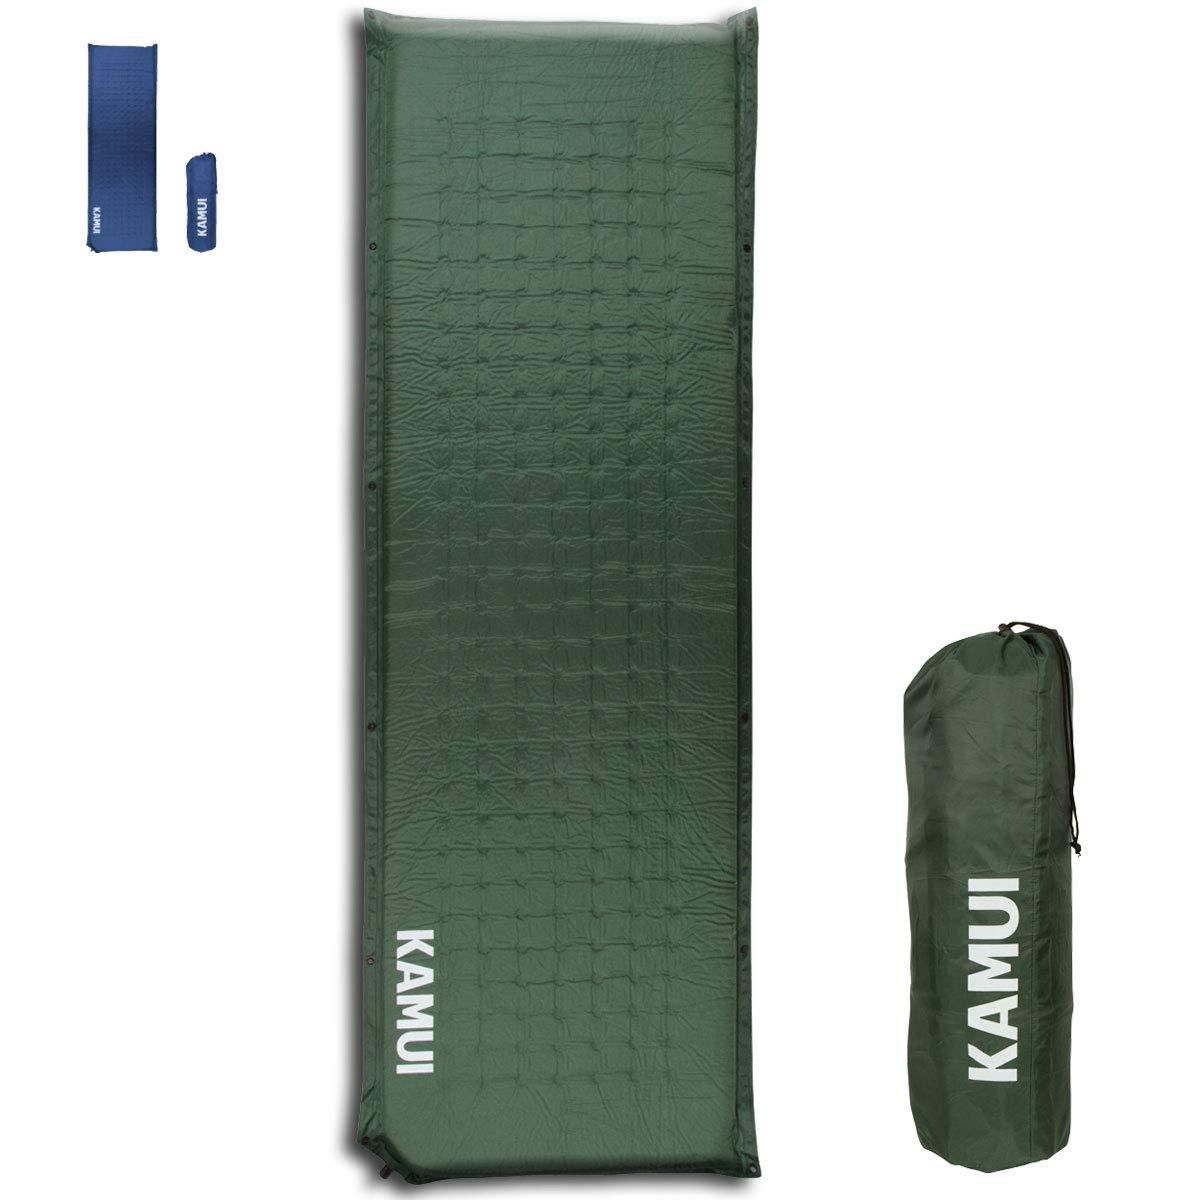 75.60 x 25.60 x 2.00inches color verde se puede conectar con varios colchones en una tienda de campa/ña o camping familiar tama/ño Medium Saco de dormir autoinflable de Kamui de 5 cm de grosor 3.50